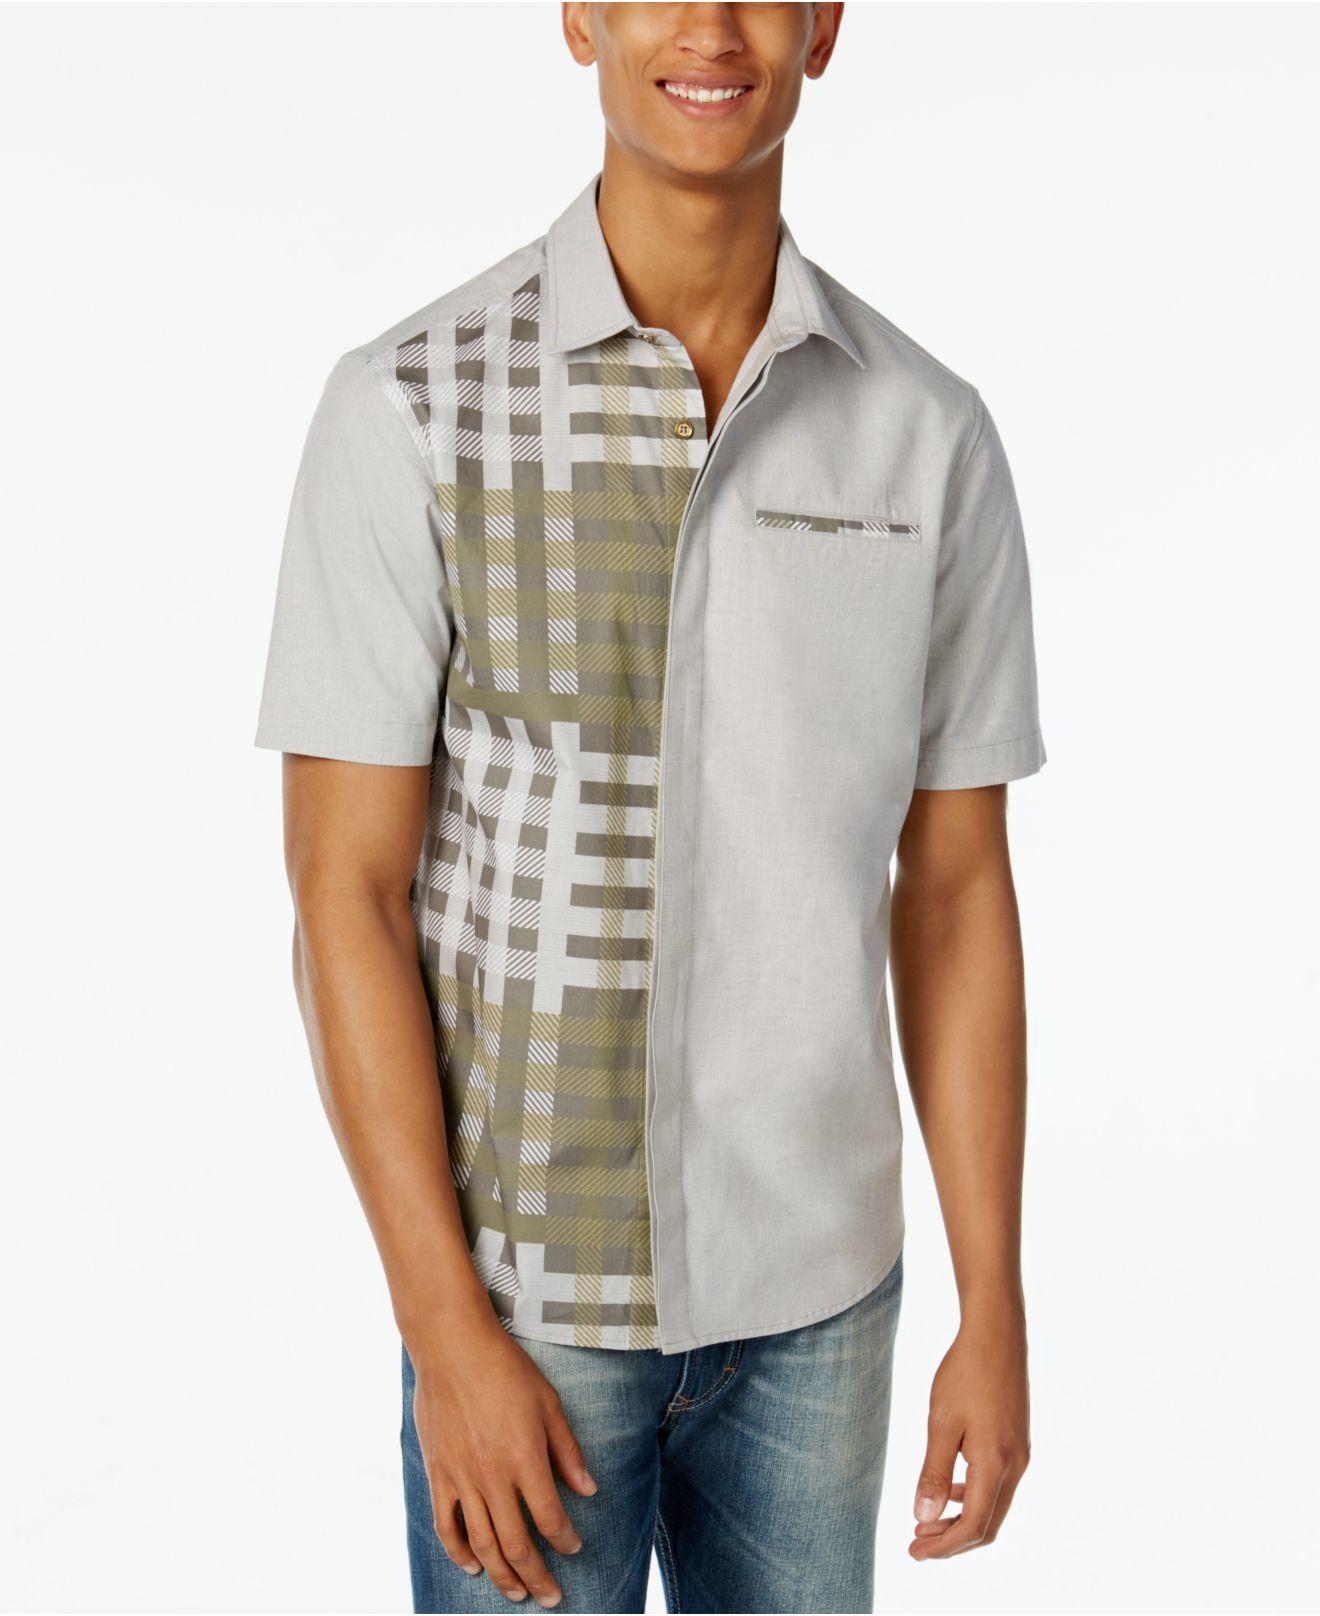 Lyst sean john men 39 s spliced woven shirt in gray for men for Sean john t shirts for mens